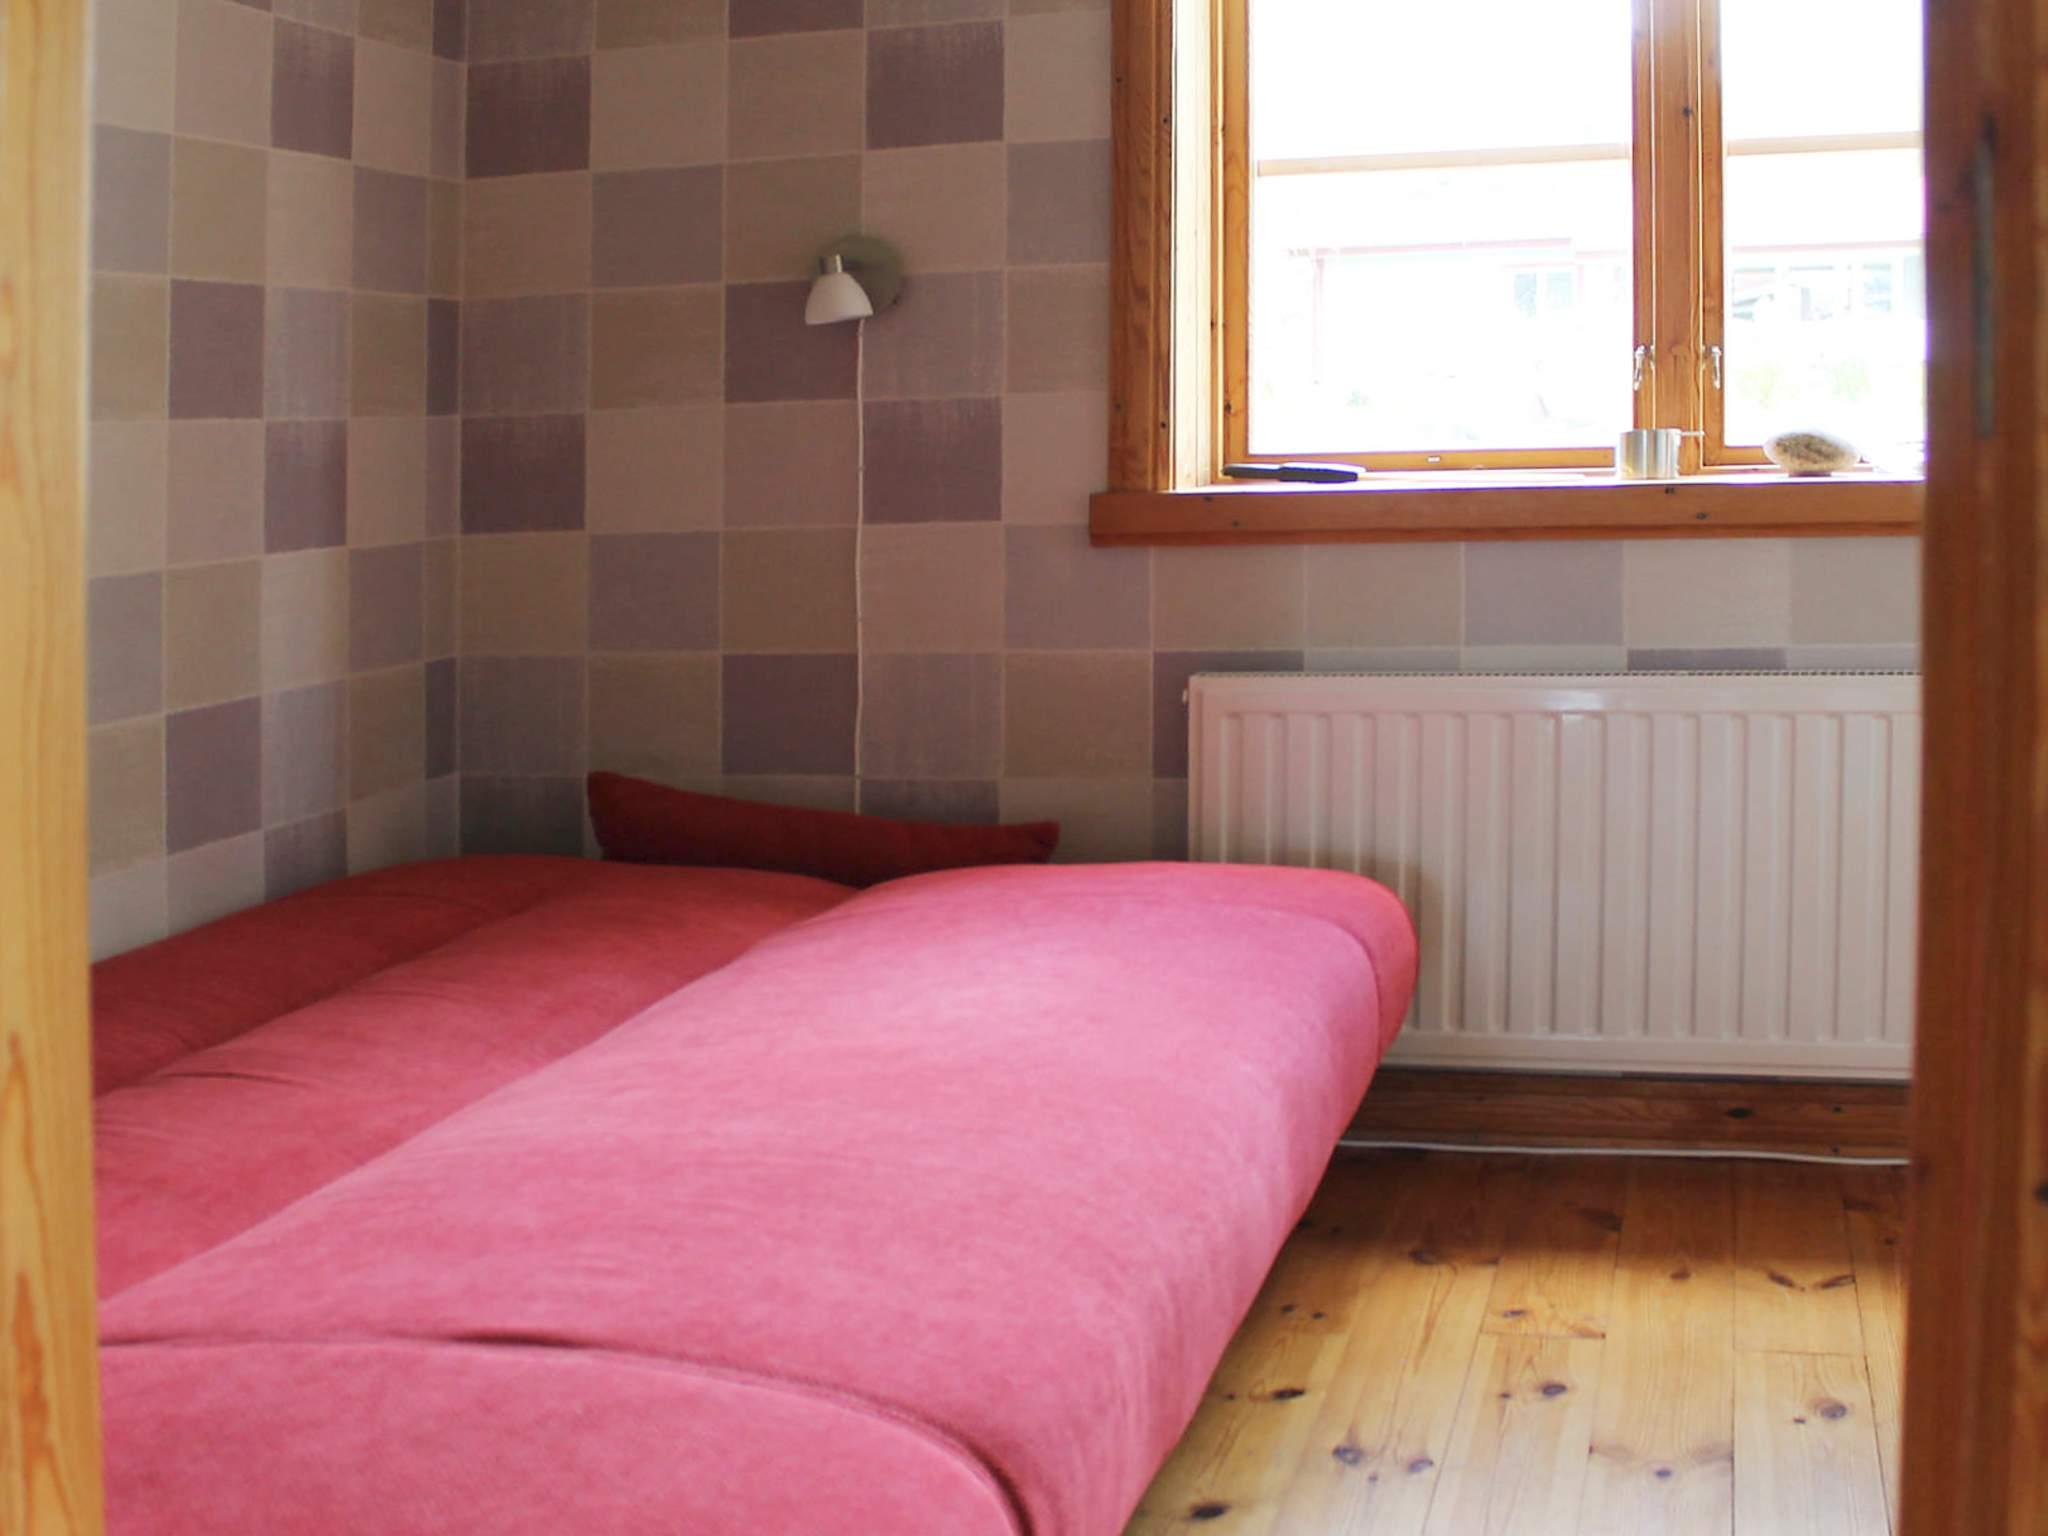 Ferienhaus Eksjö (642218), Hult, Jönköpings län, Südschweden, Schweden, Bild 17